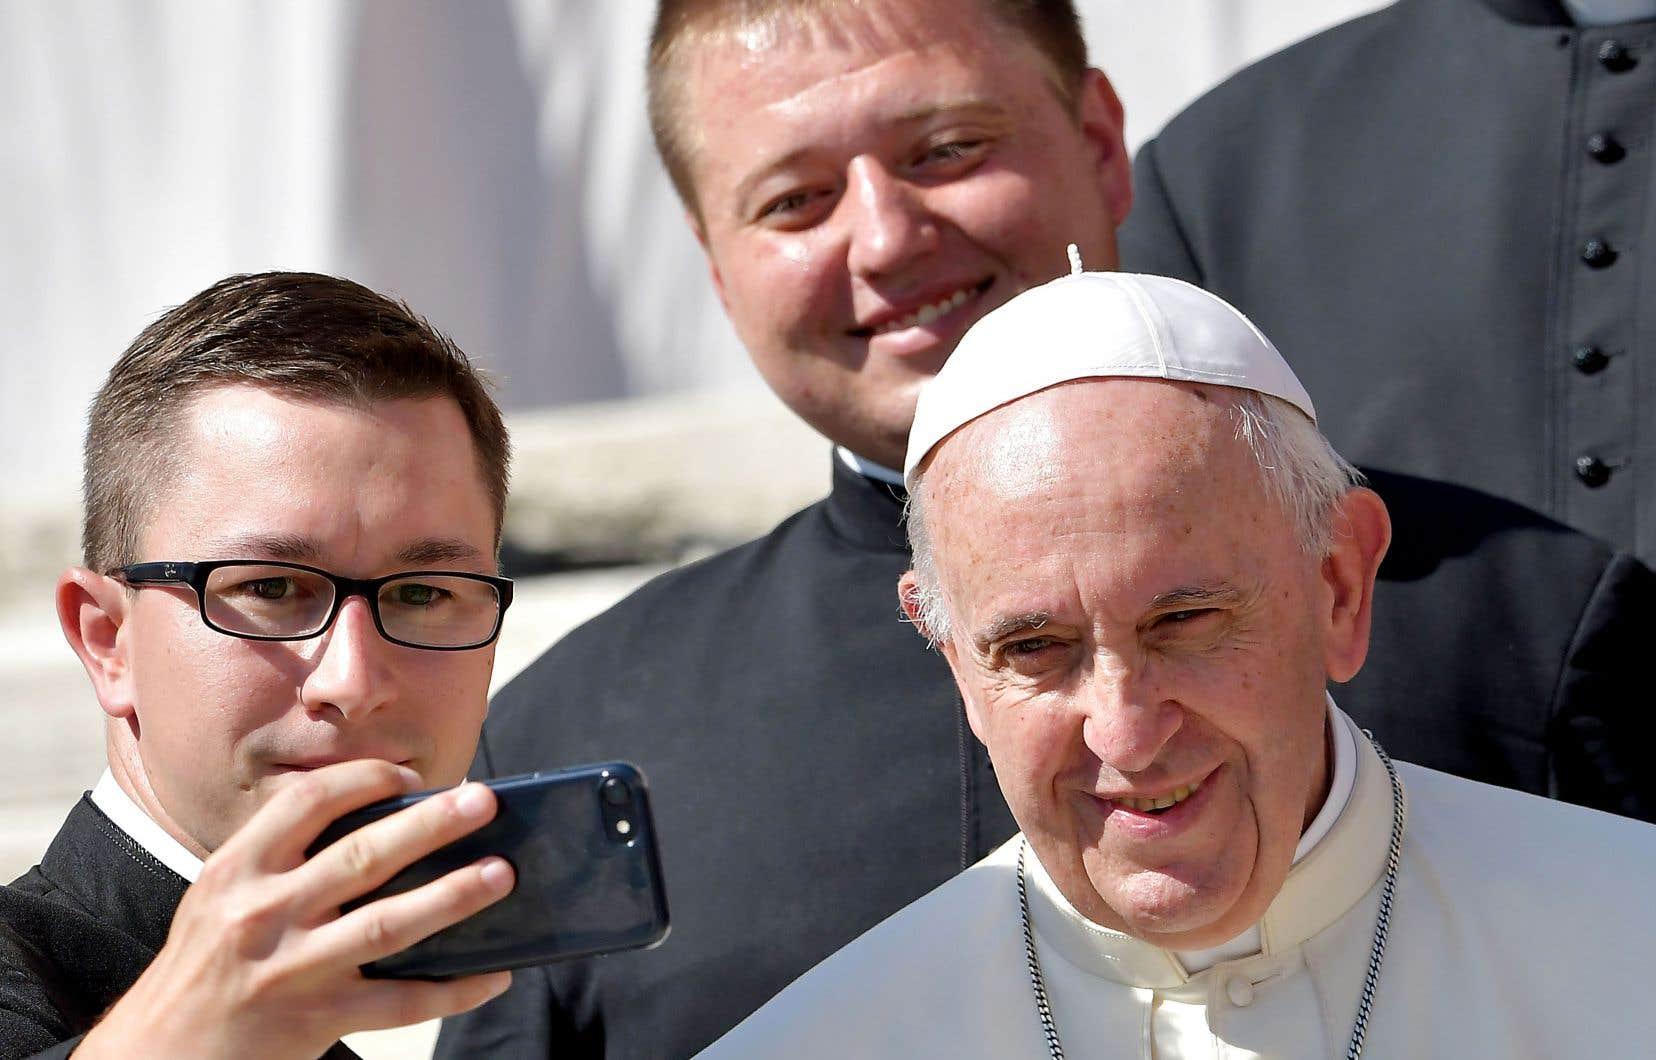 Malgré la tourmente dans laquelle l'Église est plongée depuis des mois, le pape François a pris un moment mercredi pour poser avec un jeune prêtre sur la place Saint-Pierre du Vatican.